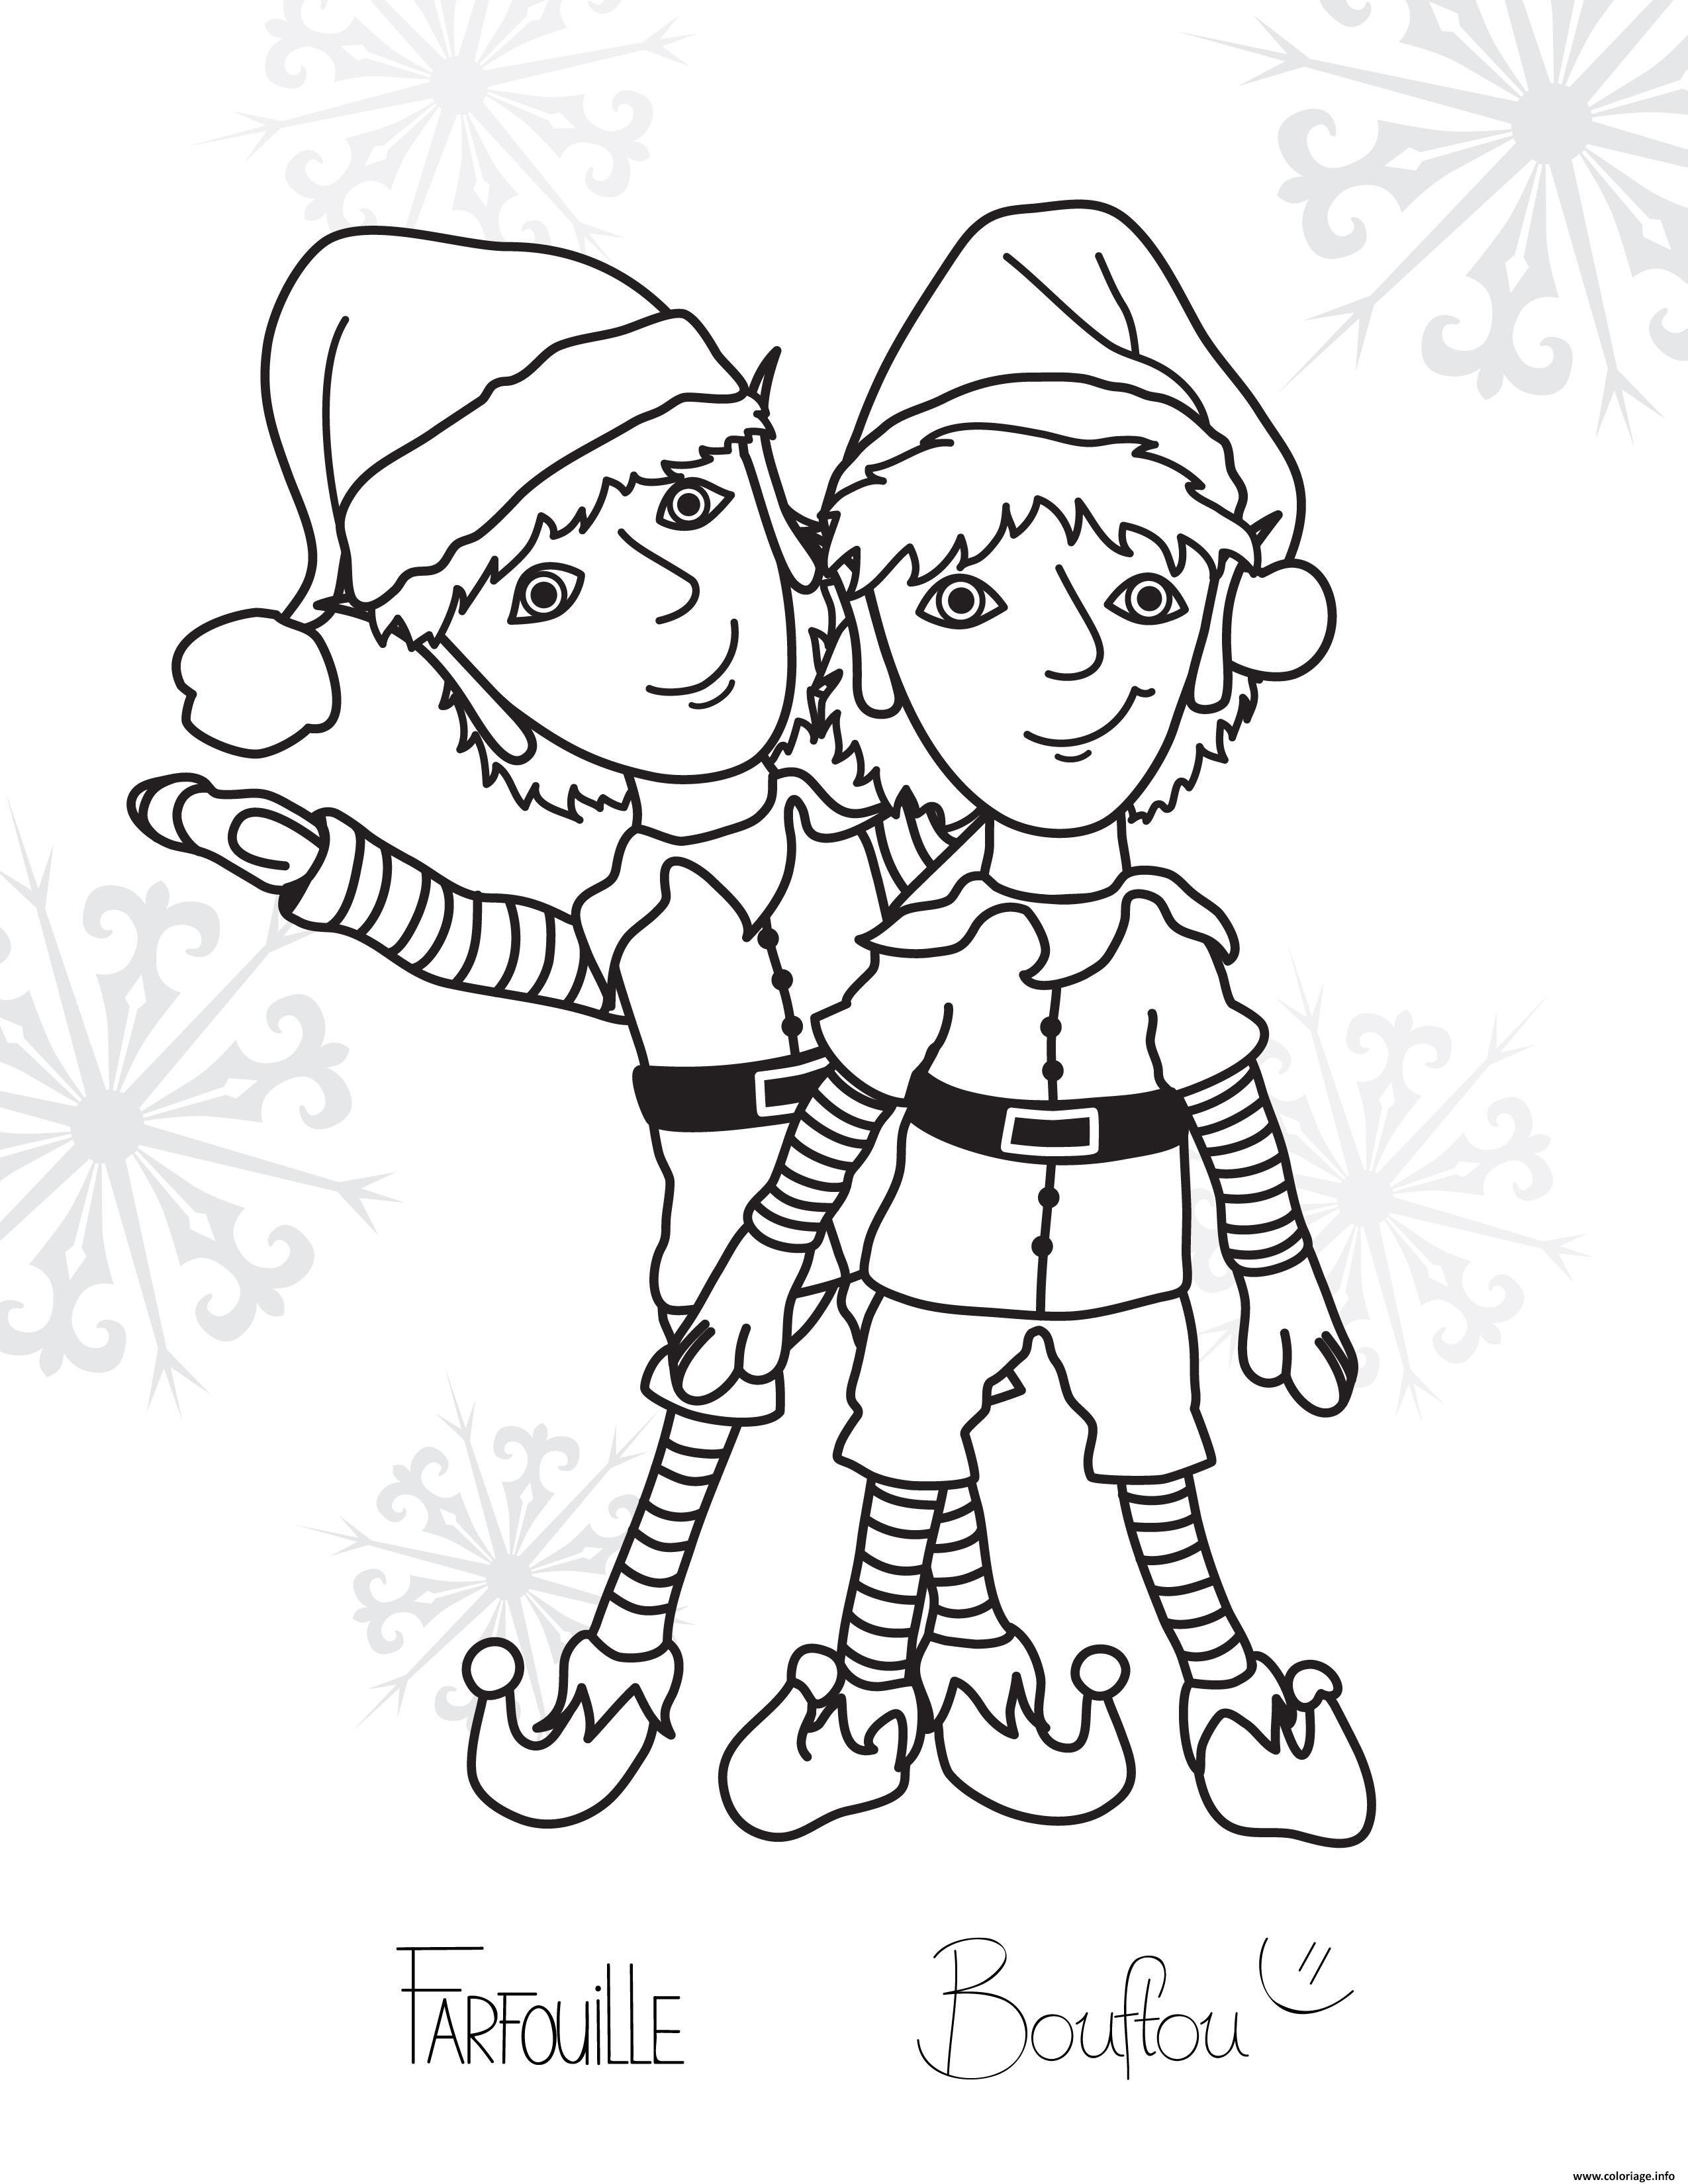 Nouveau Image De Lutin De Noel A Imprimer